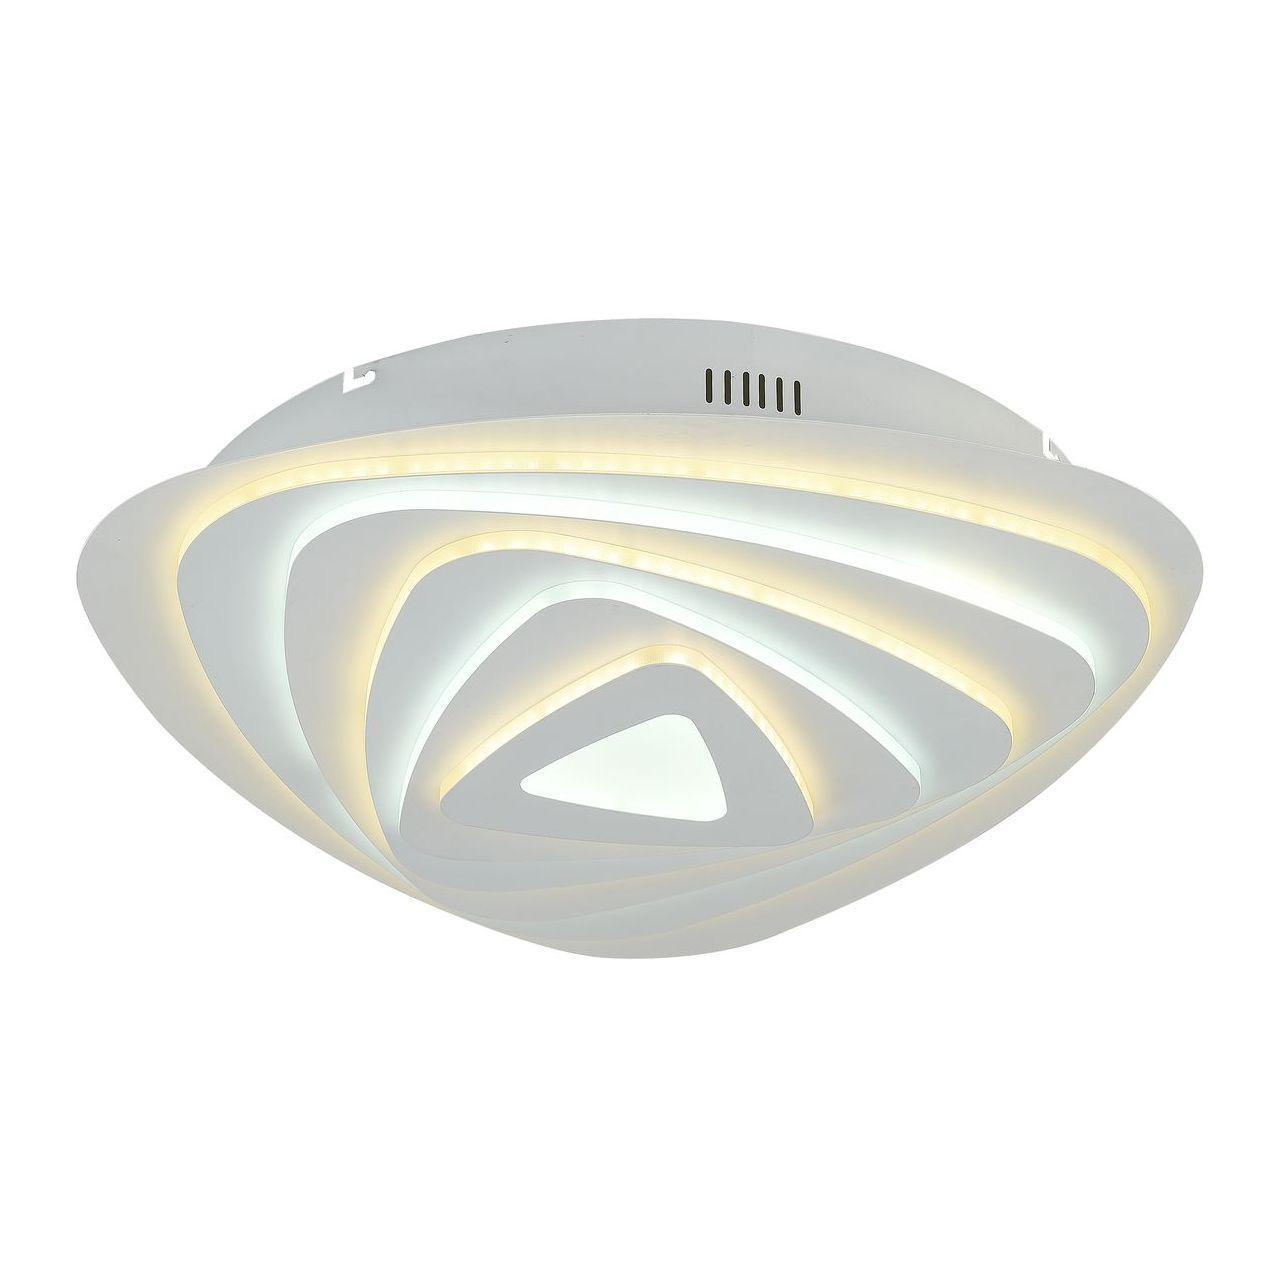 Потолочный светодиодный светильник F-Promo Ledolution 2288-5C все цены